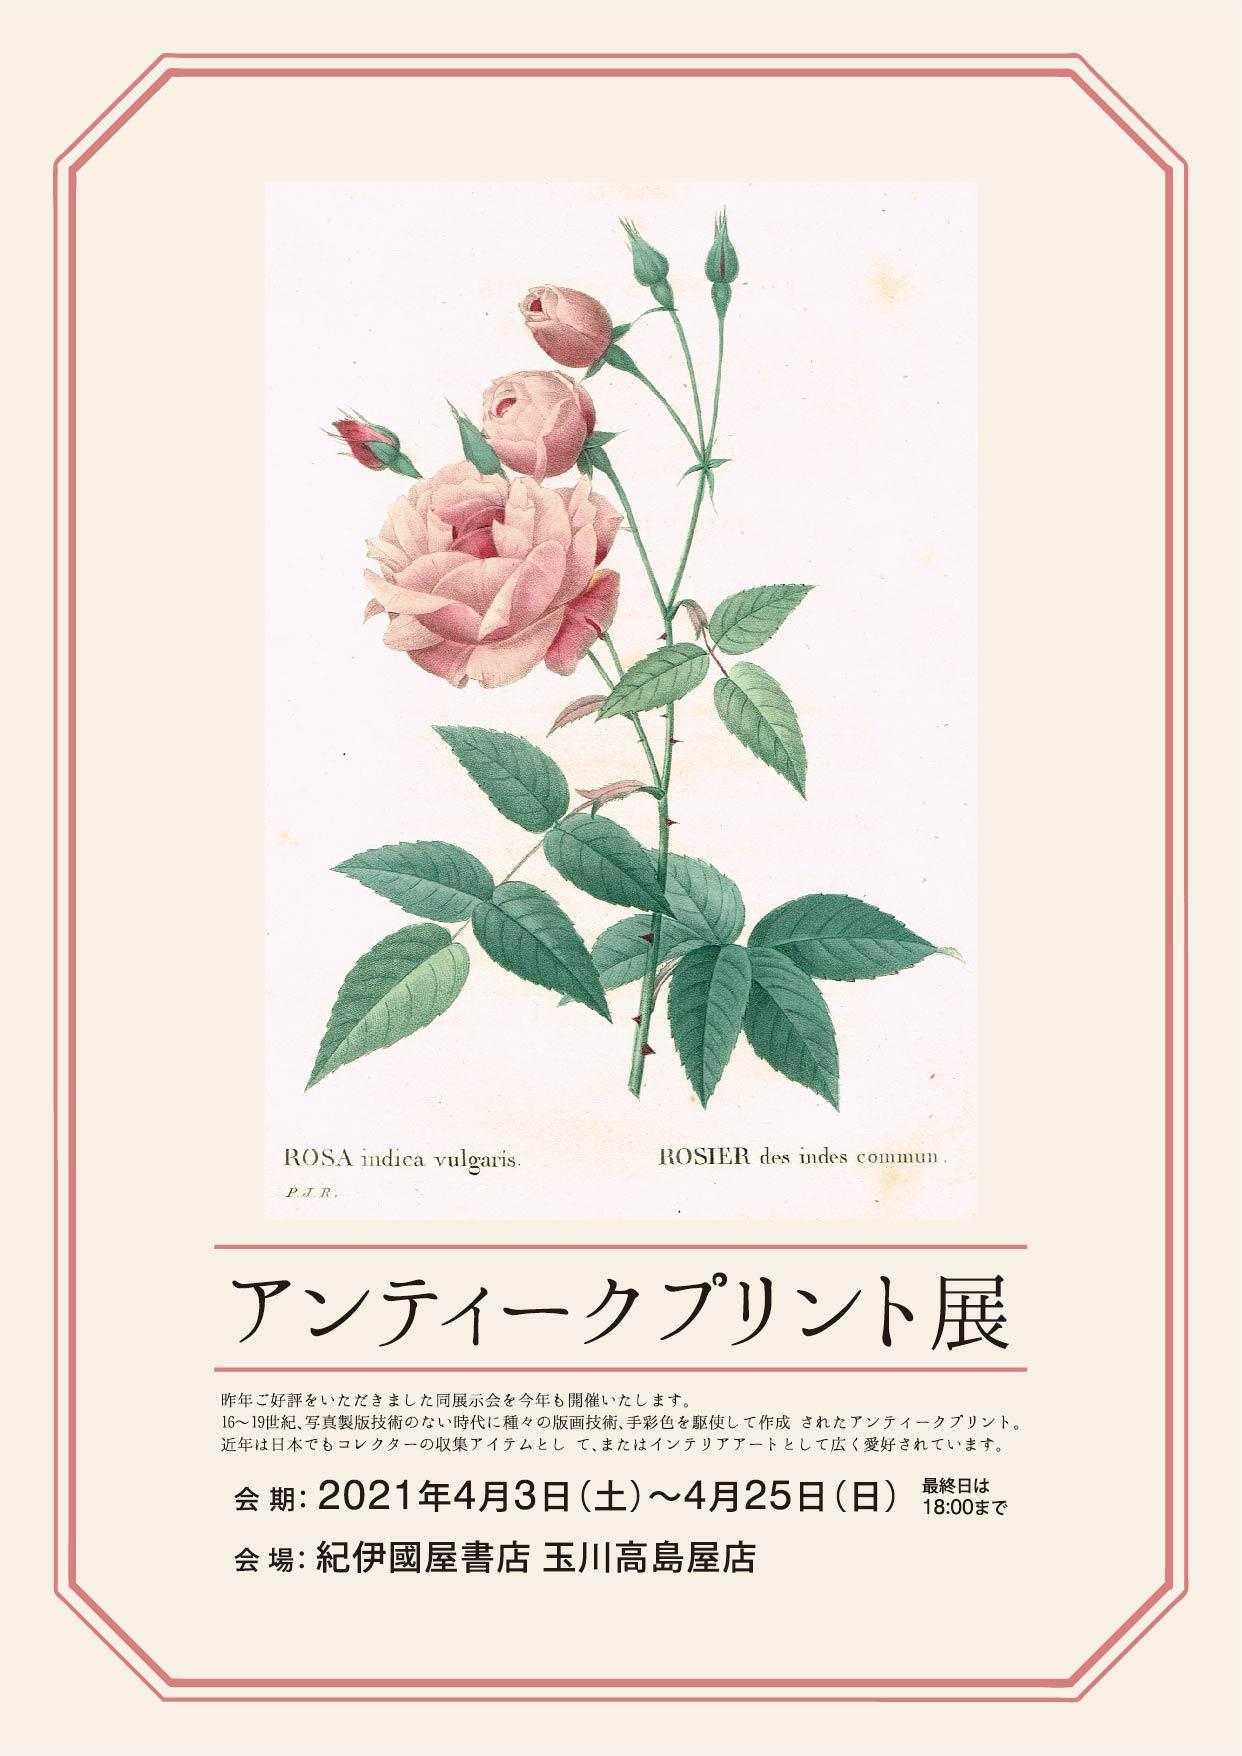 紀伊國屋書店:アンティークプリント展 2021年4月3日(土)~25日(日)